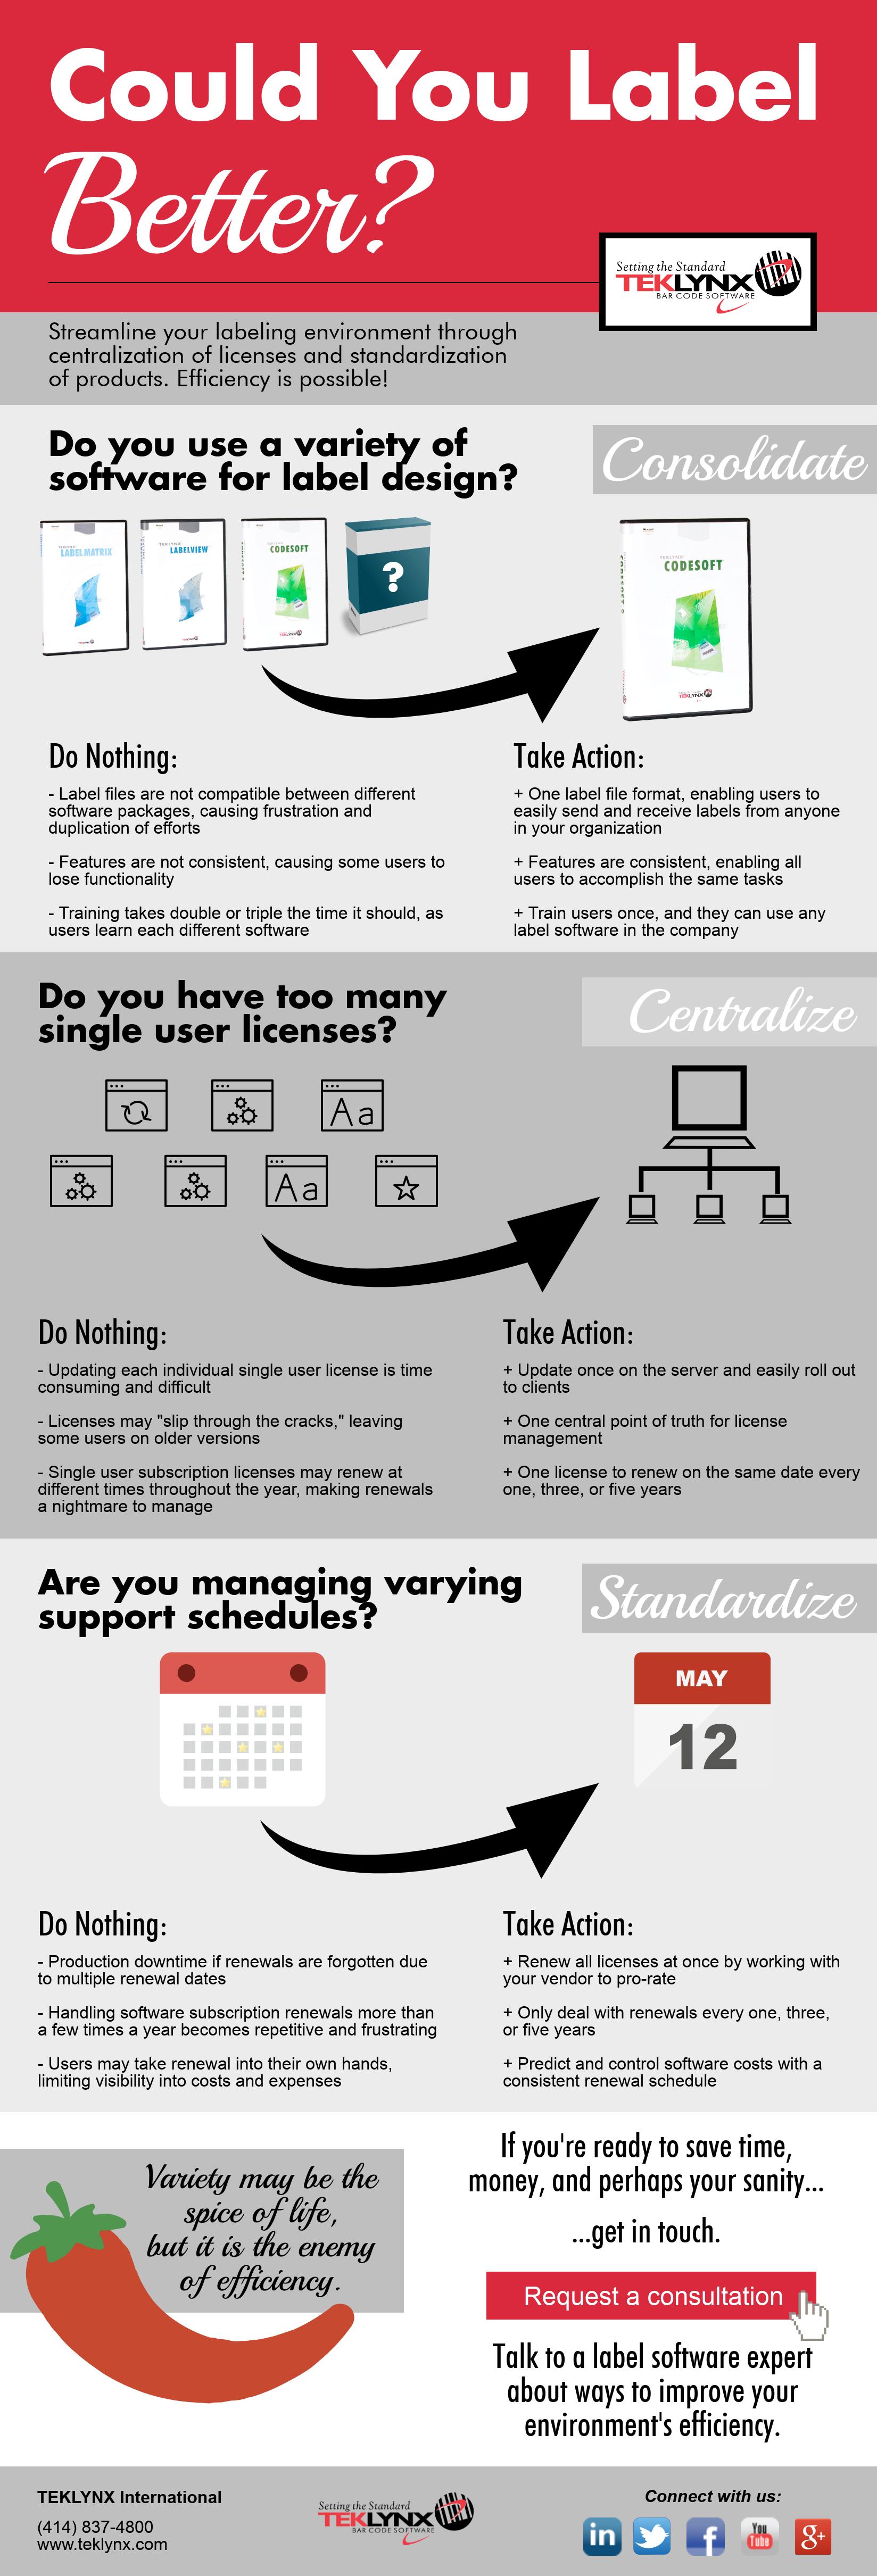 Infografica: Puoi etichettare meglio?